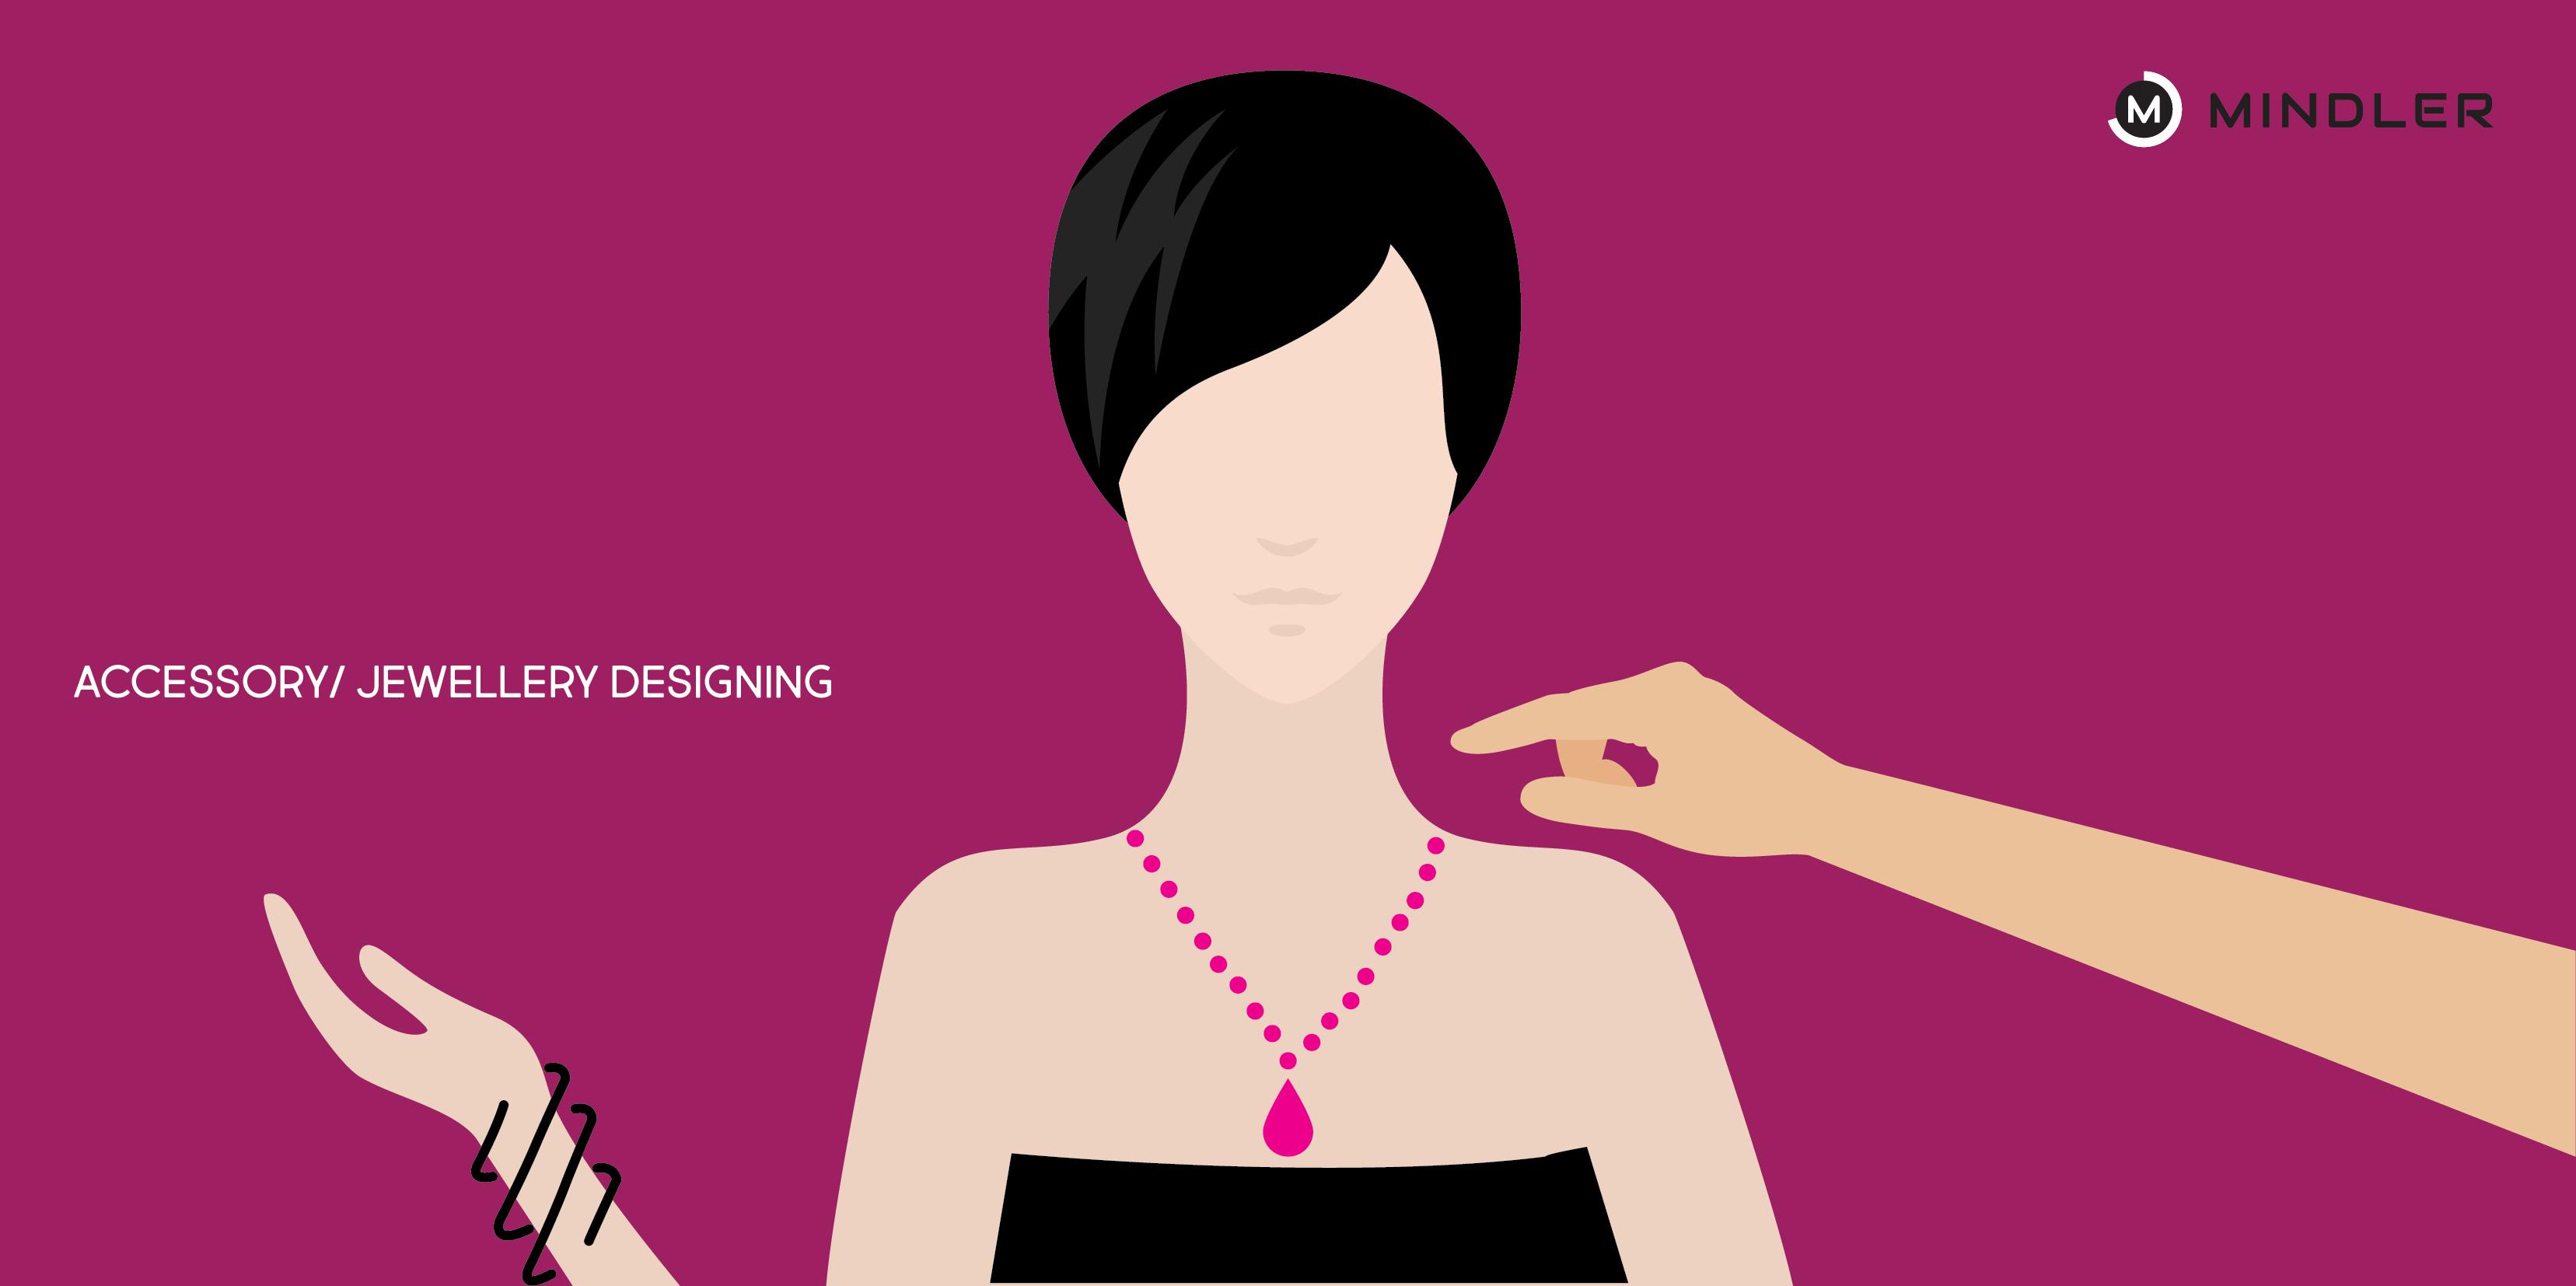 accessory-designing